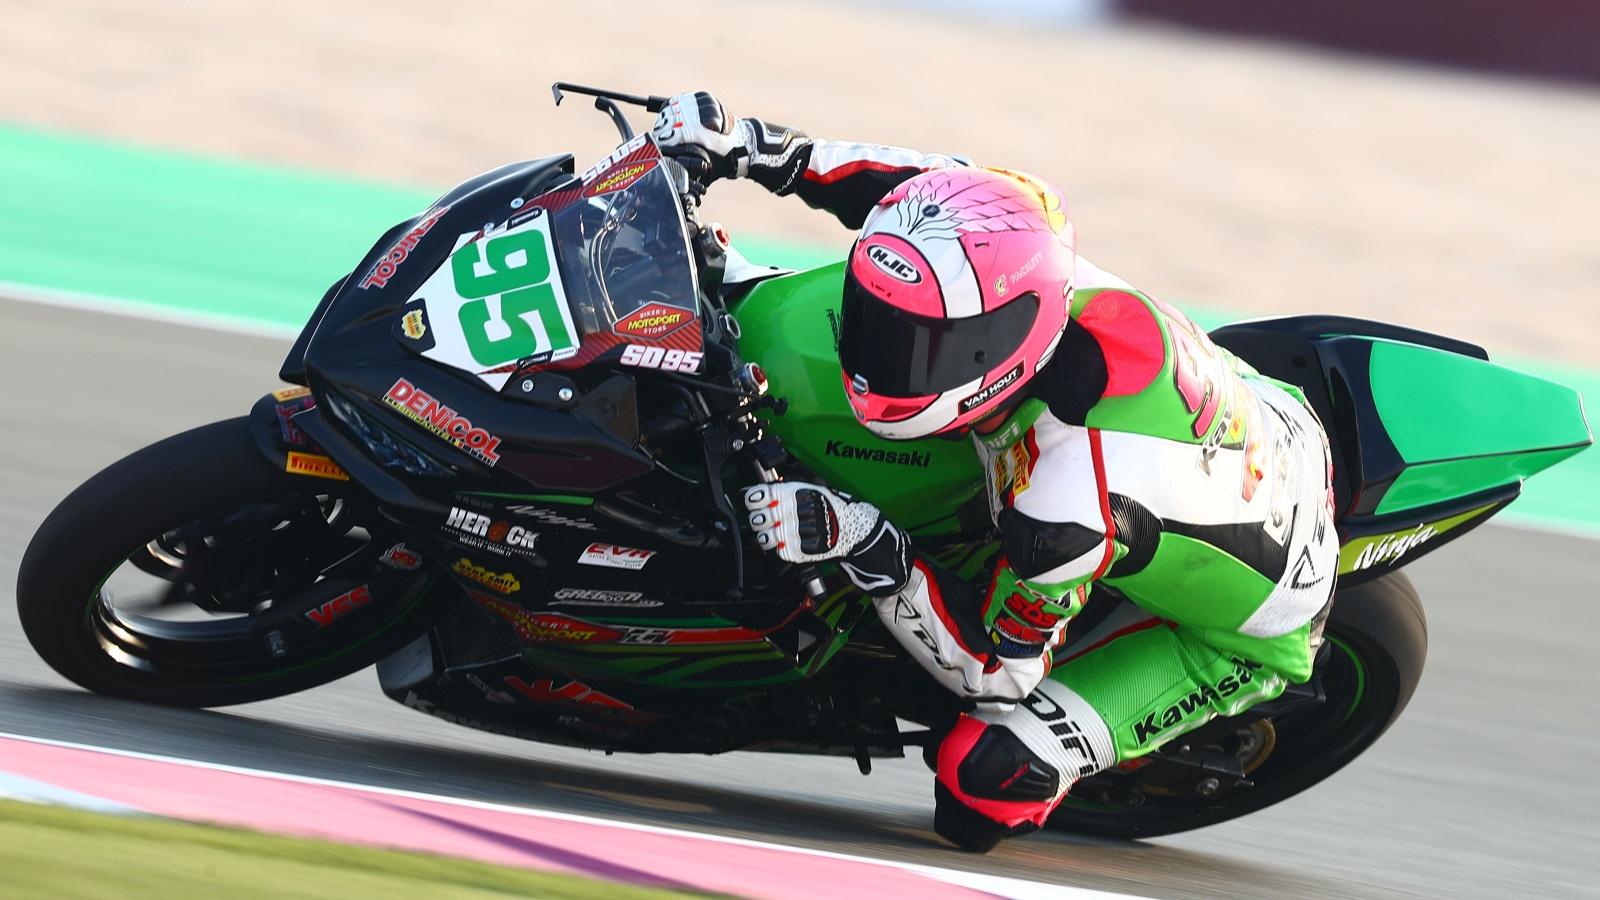 Scott Deroue vence en Qatar y arrebata a Ana Carrasco el subcampeonato de Supersport 300